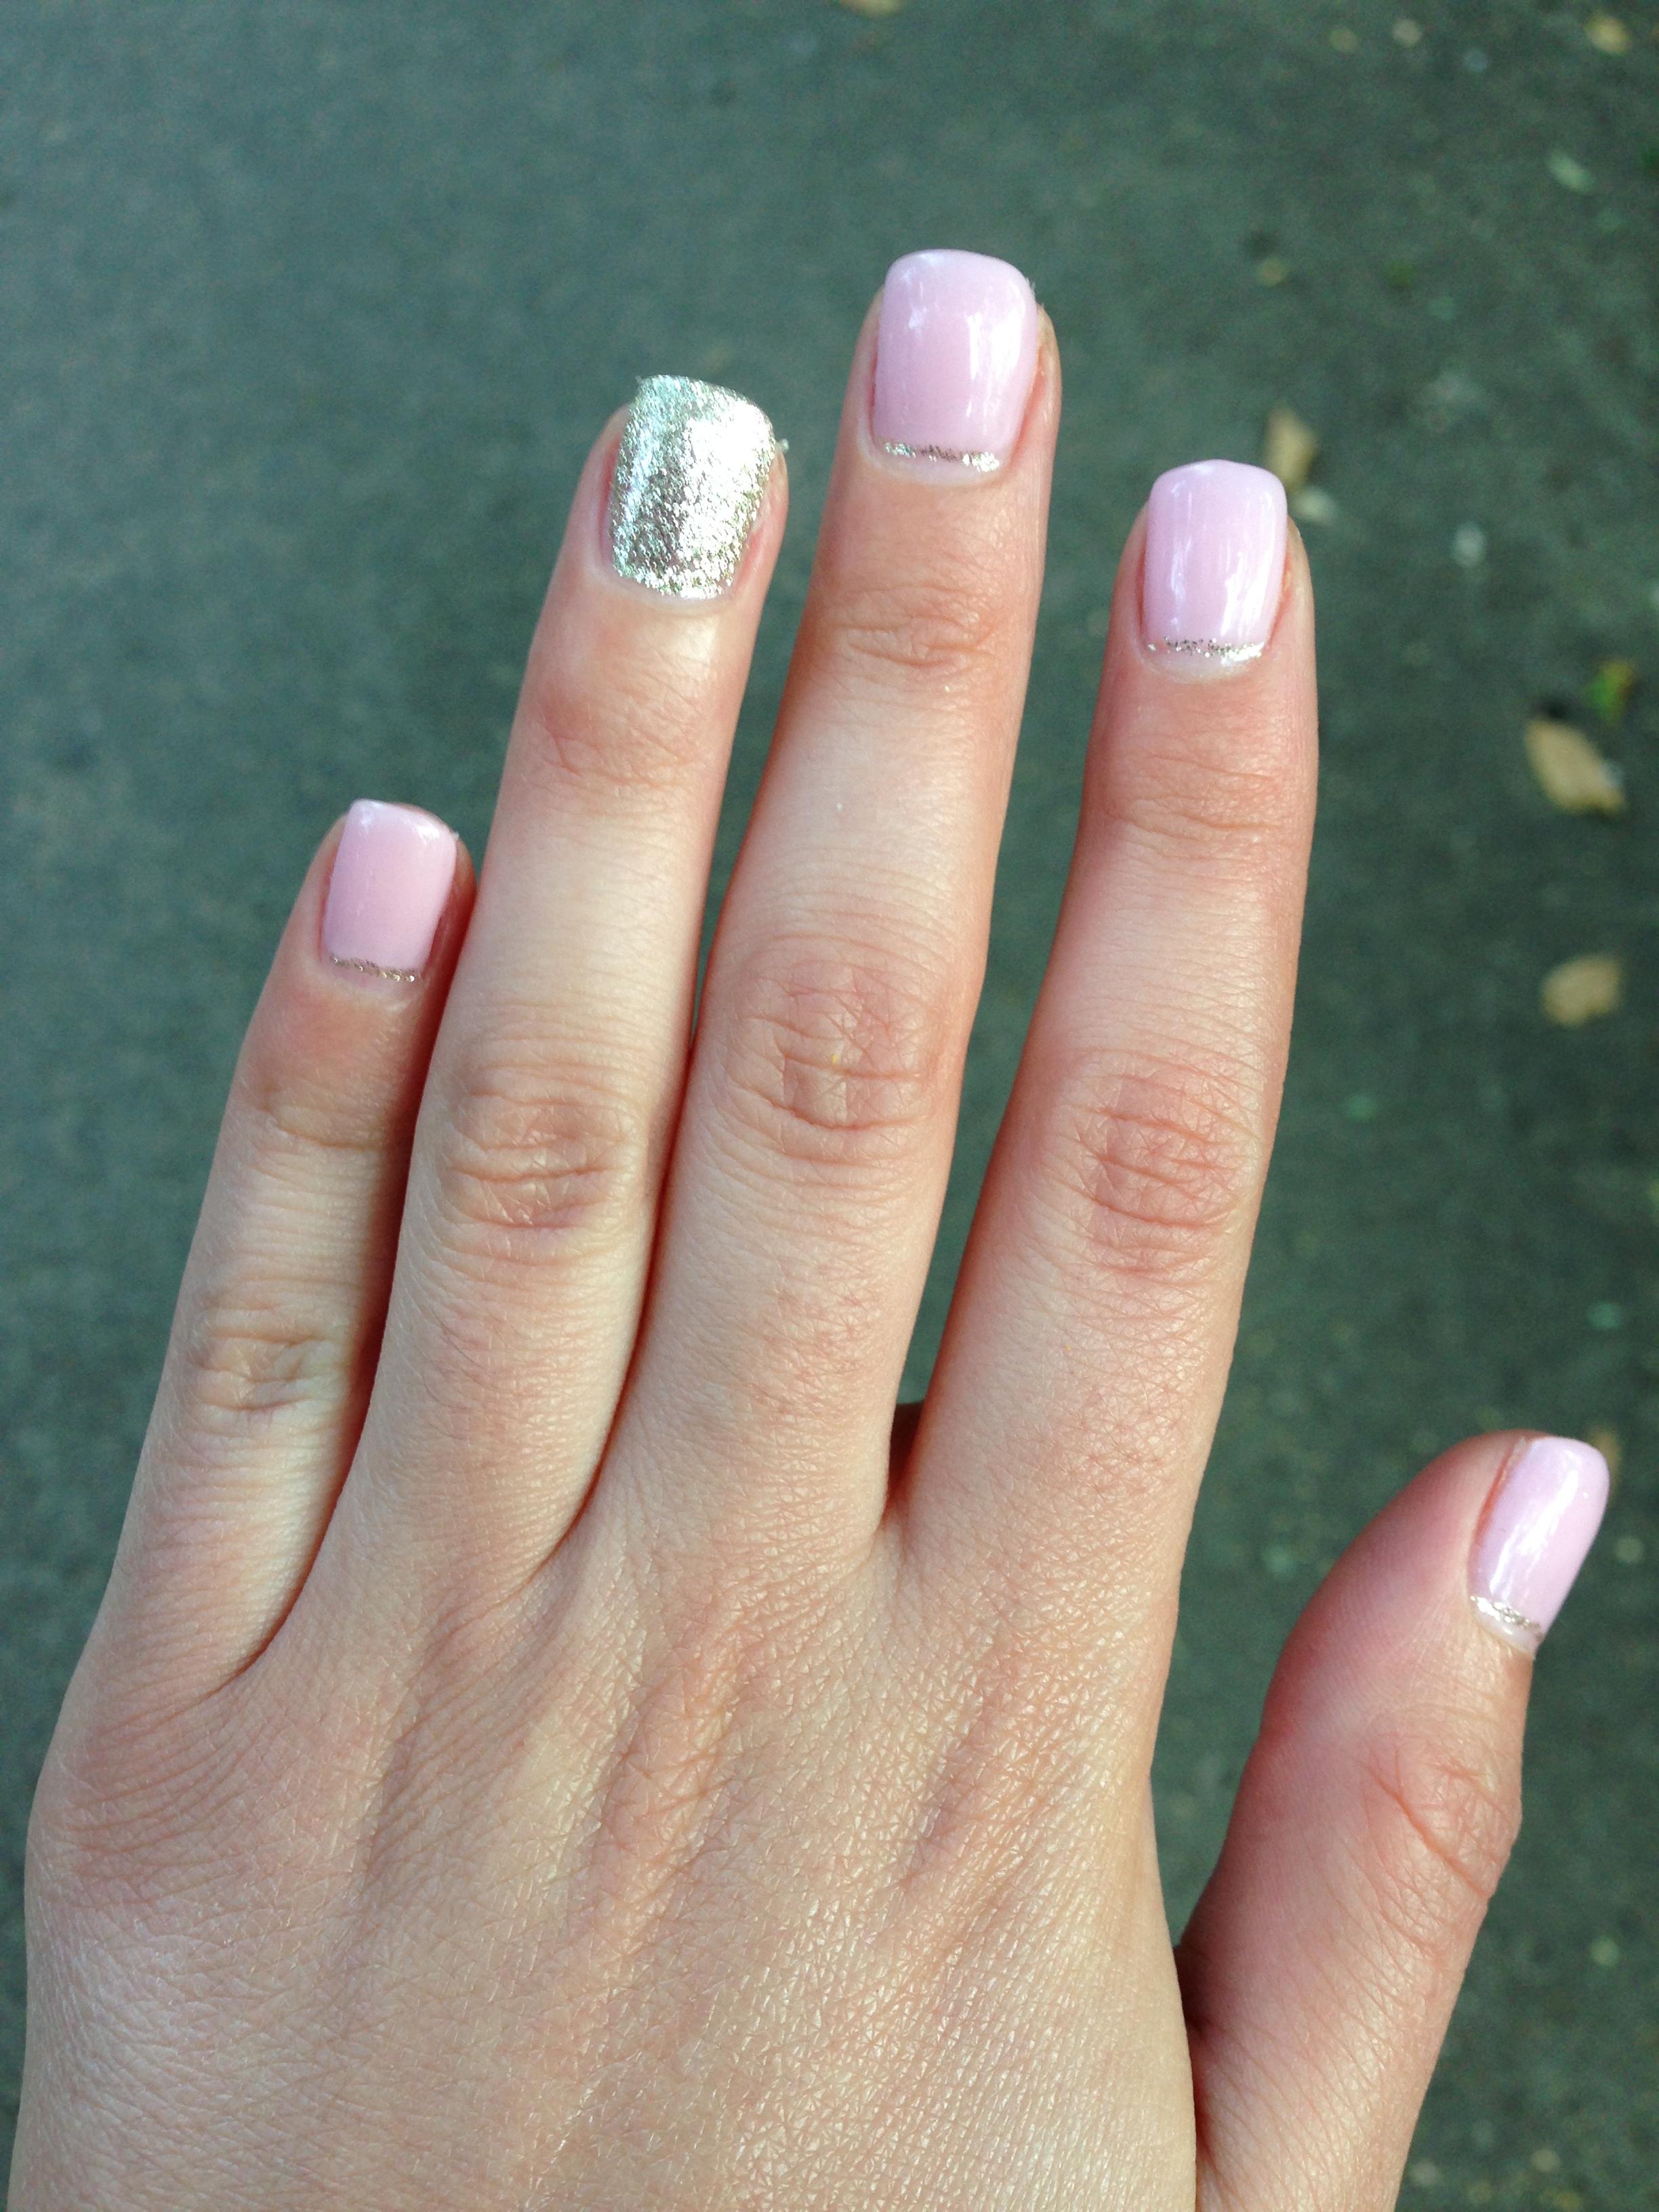 NOTD: Gel termic cu nuanţe de roz - Mihaela Anghel